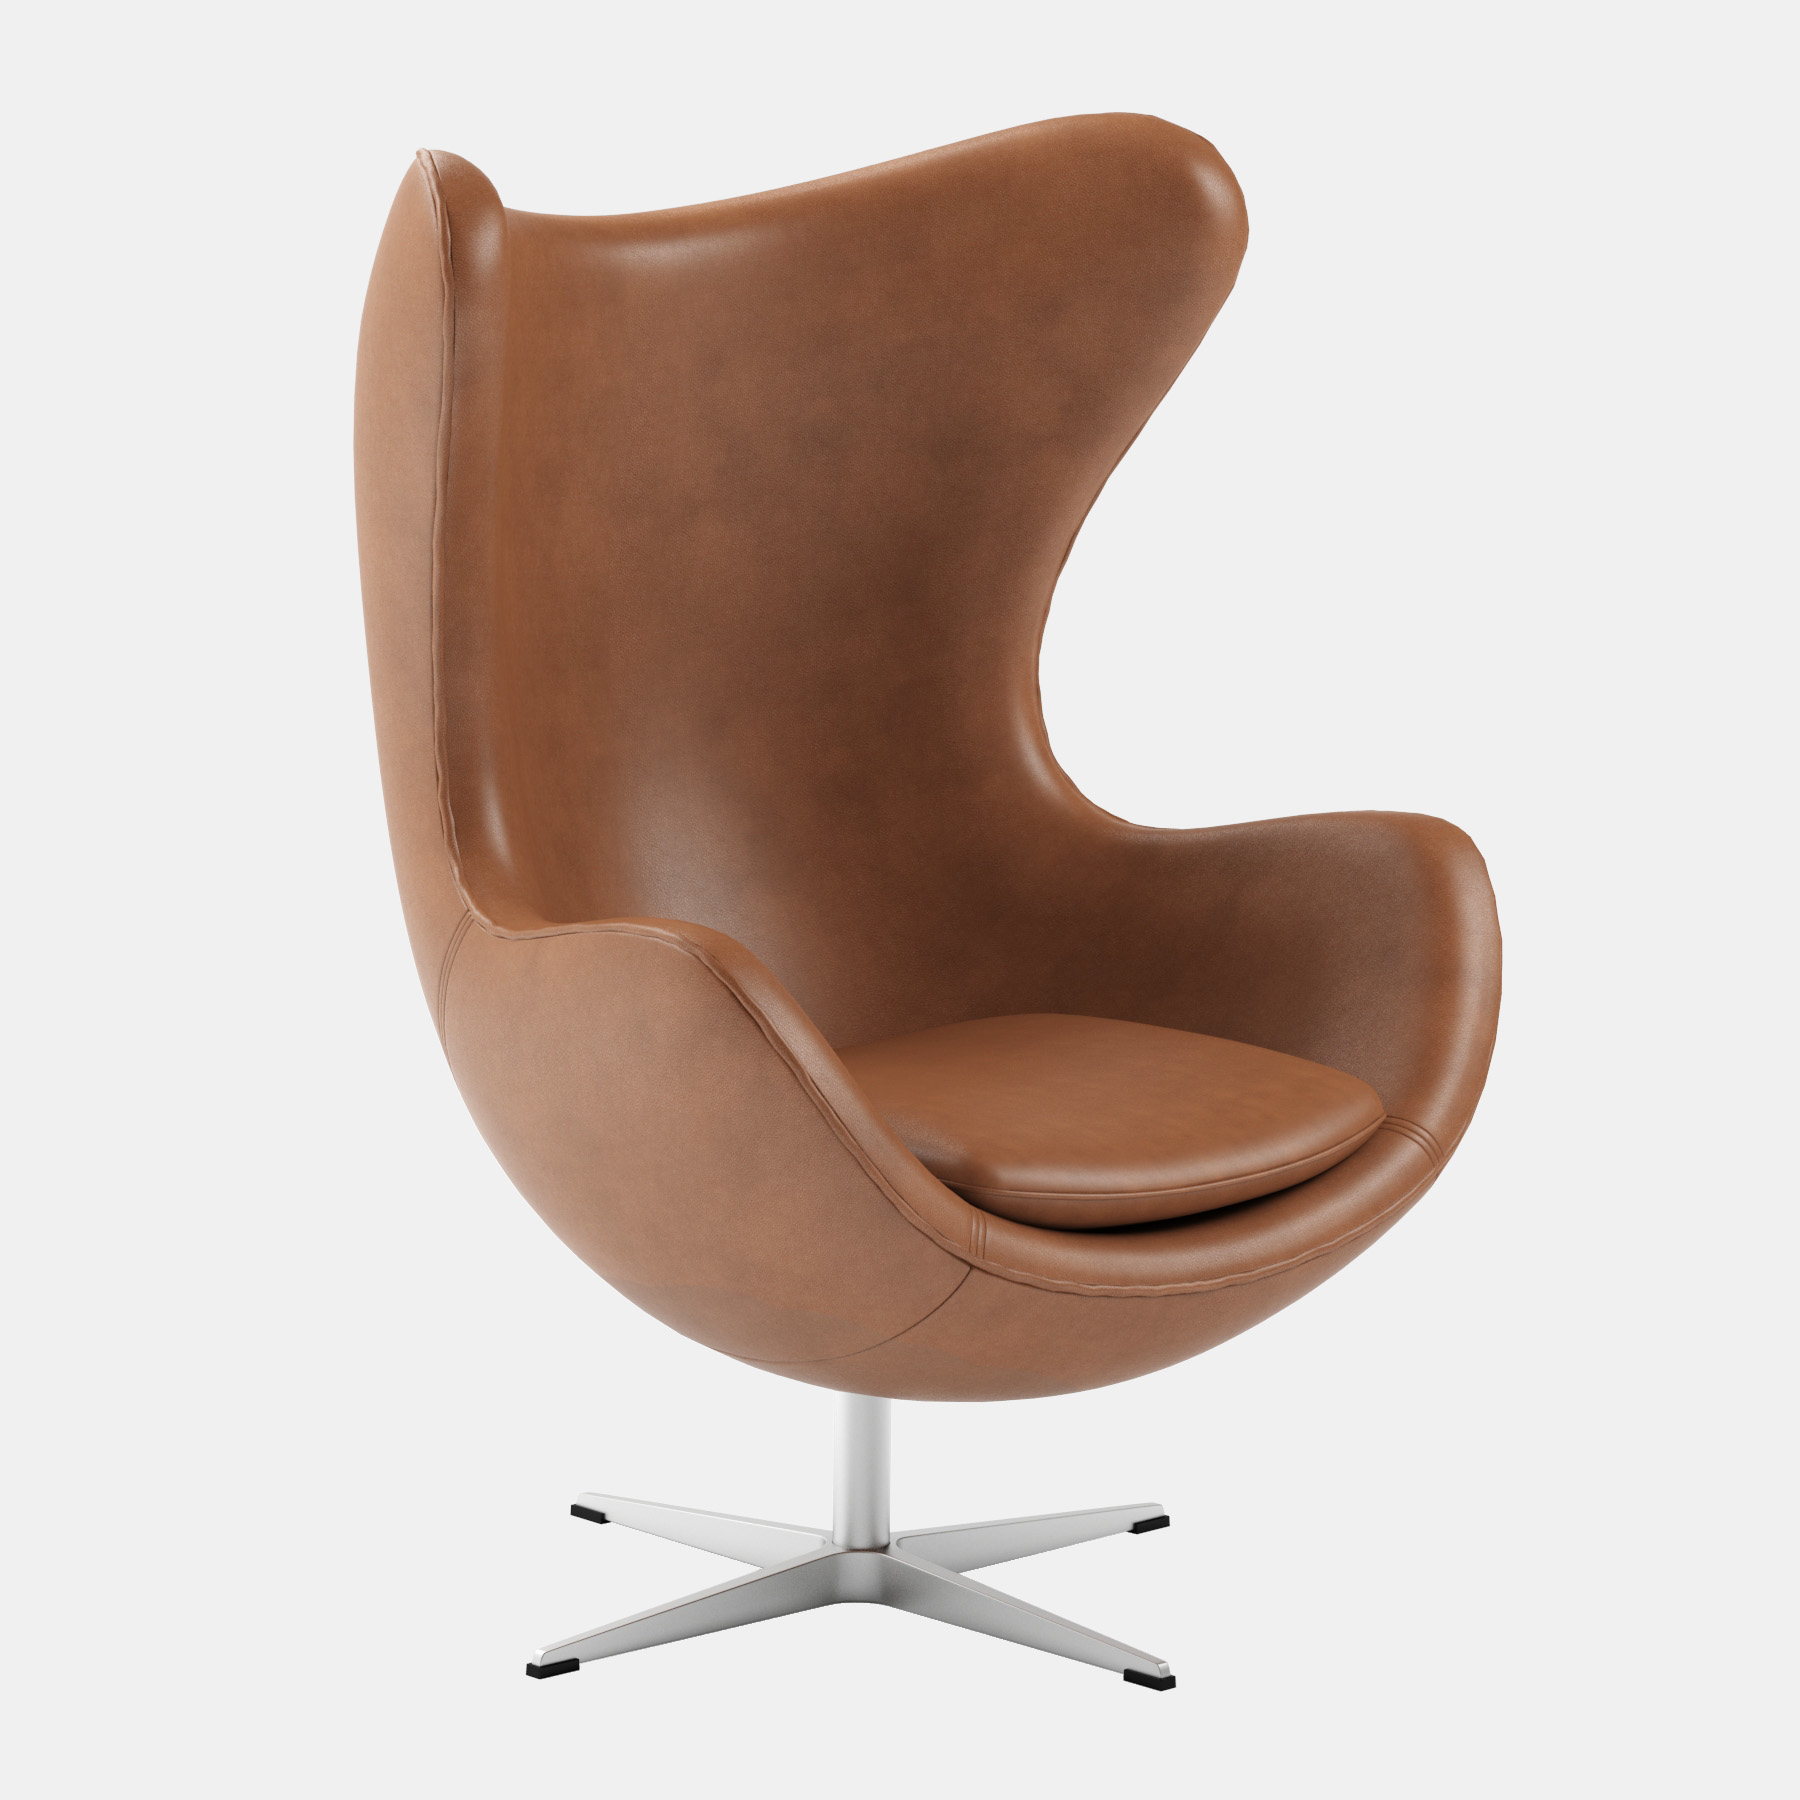 Arne Jacobsen Egg Chair.3d Egg Chair Arne Jacobsen Turbosquid 1429448